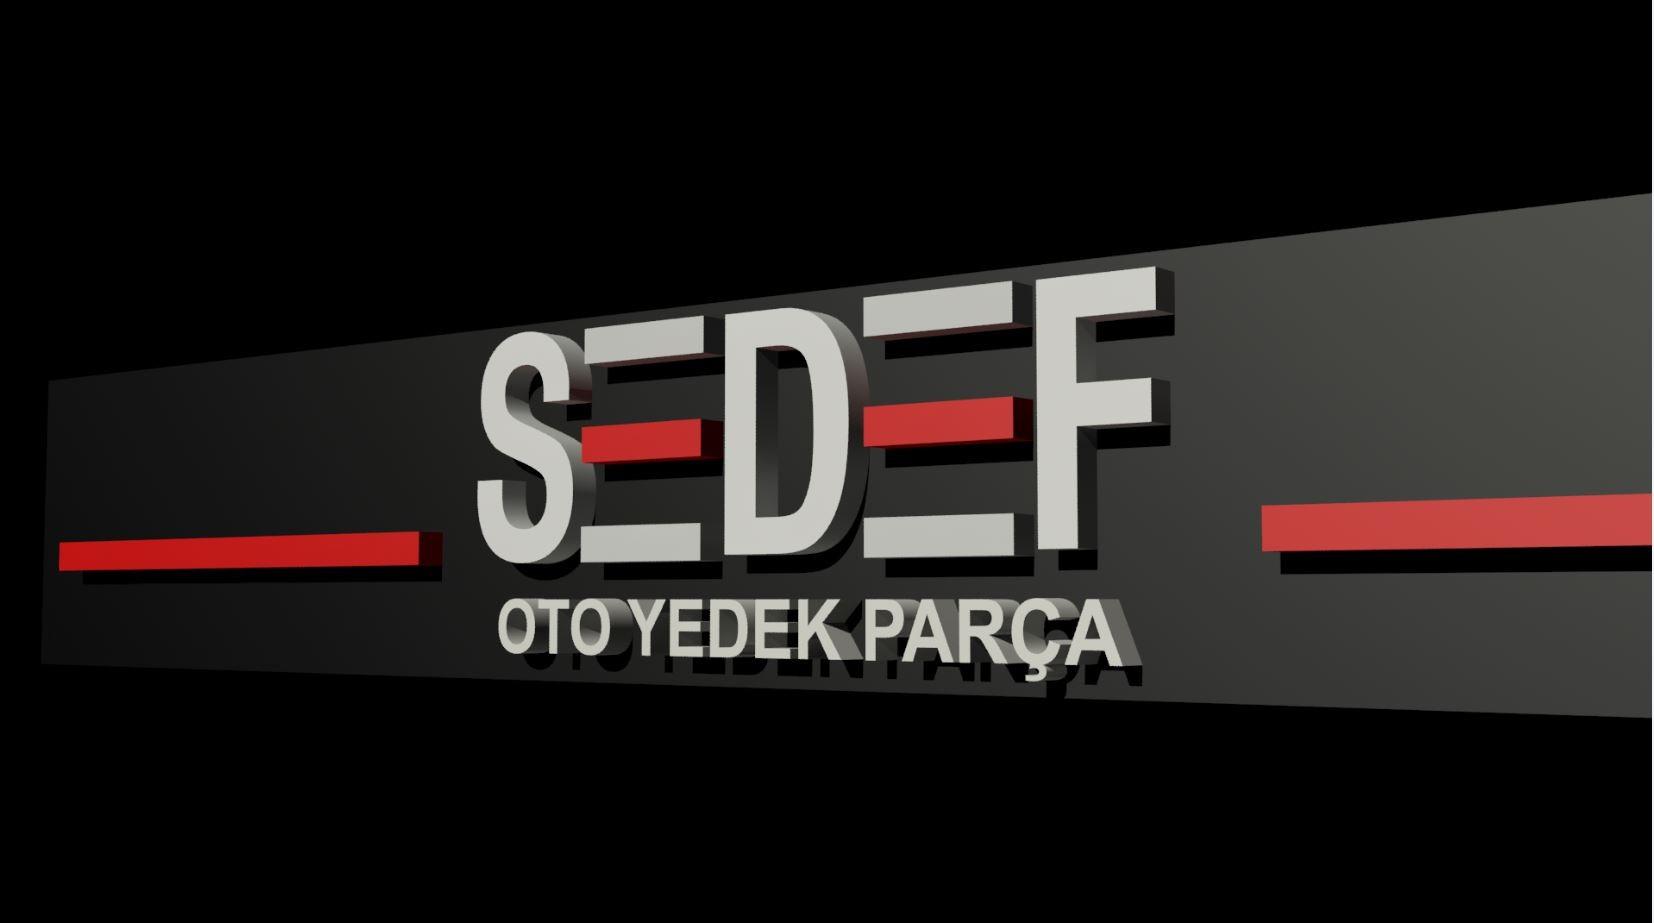 SEDEF OTO YEDEK PARÇA TİC.LTD.ŞTİ